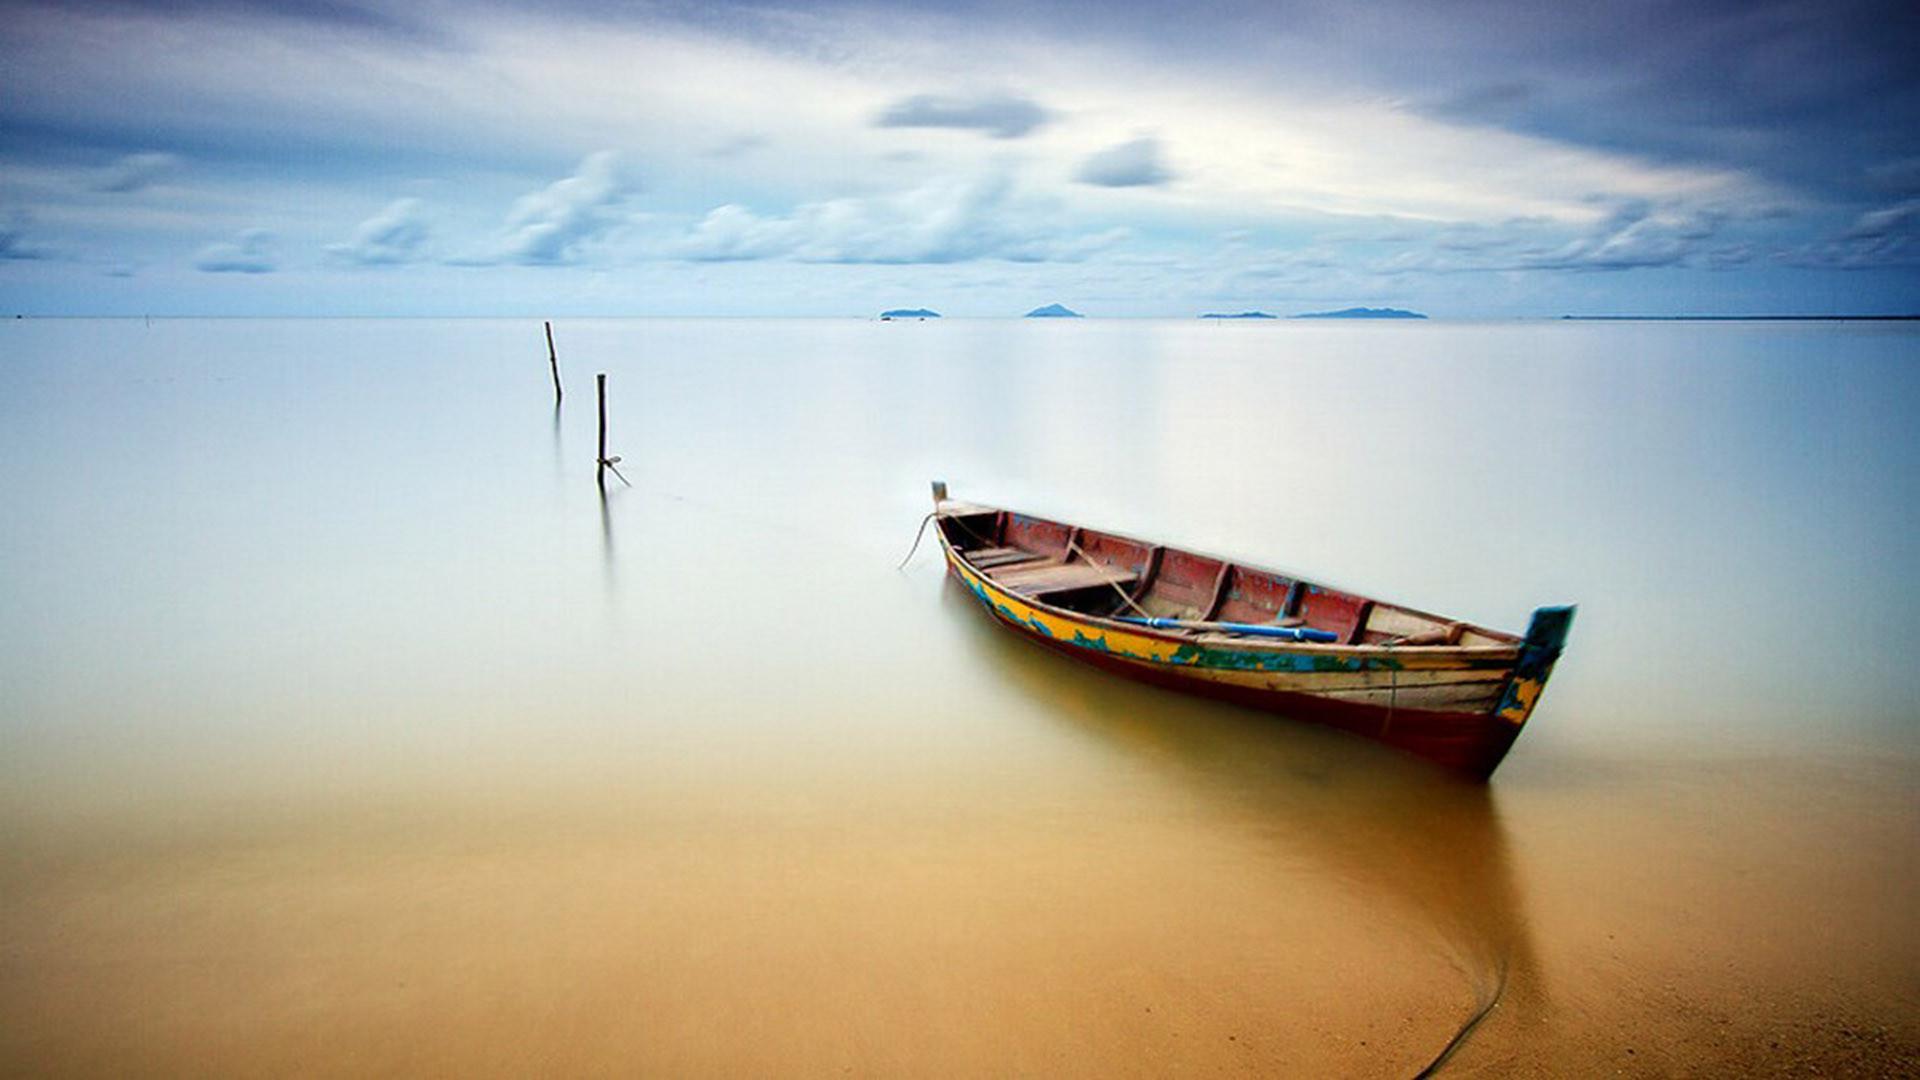 Лодка на привязи. фотограф: Бобби Бонг